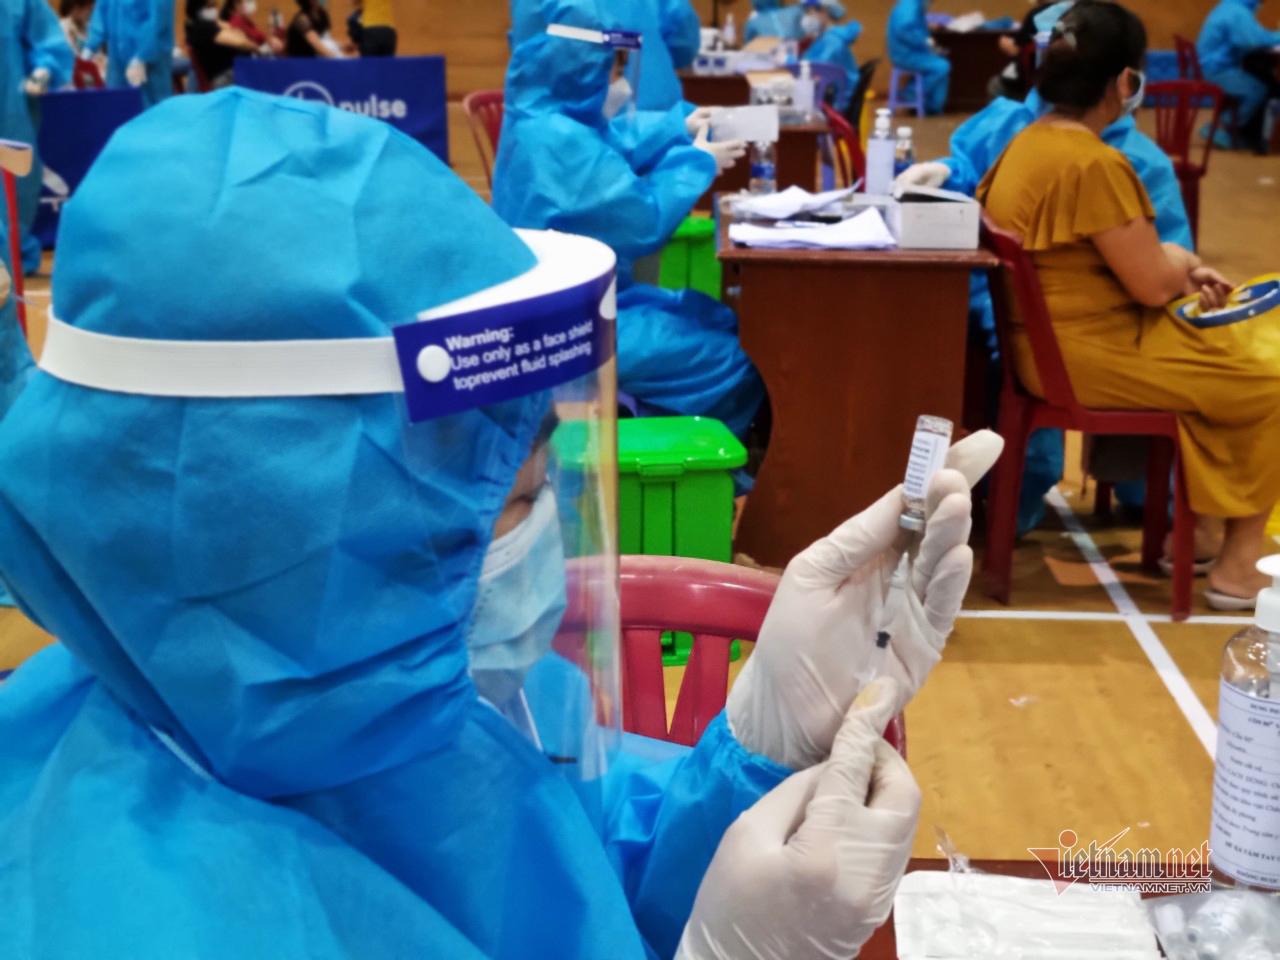 Hình ảnh Đà Nẵng tổ chức chiến dịch tiêm vắc xin lớn nhất từ trước đến nay